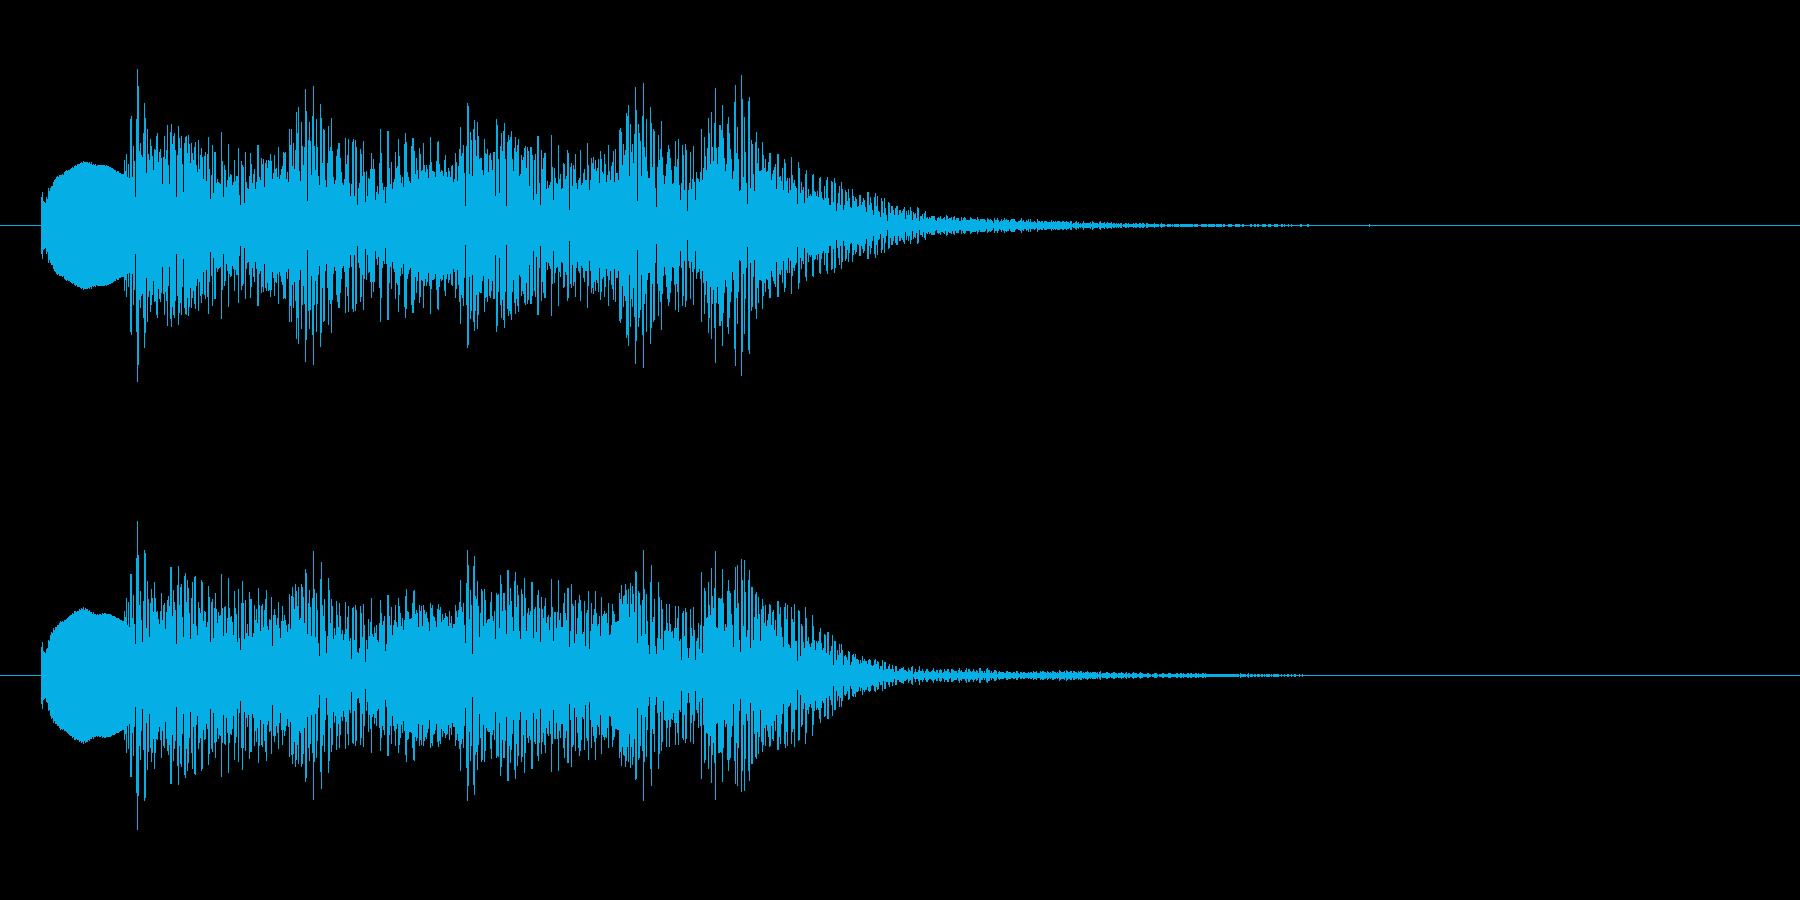 マリンバ おとぼけ(ジングル、転換音)の再生済みの波形